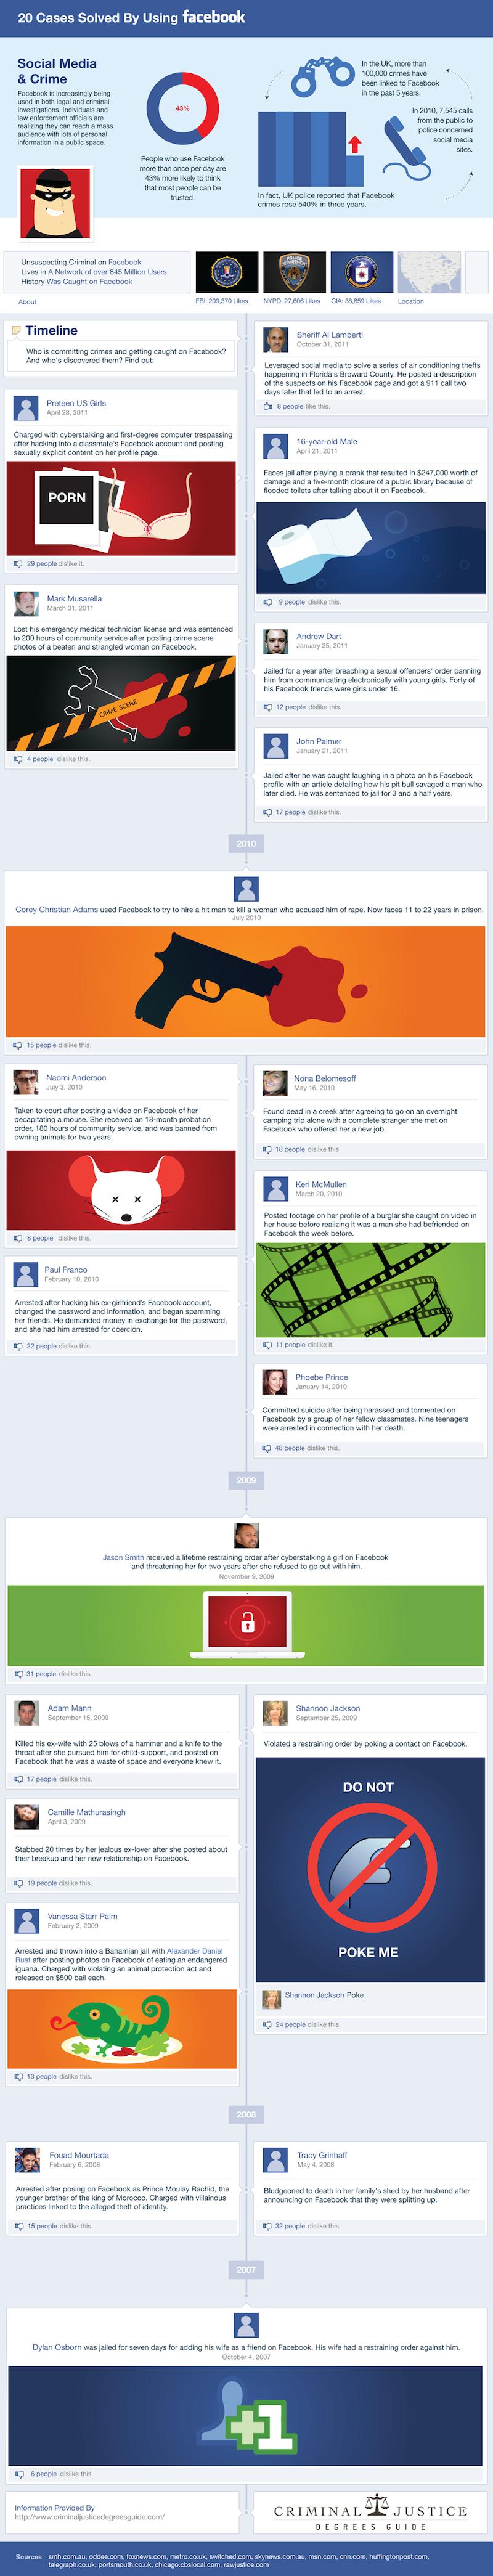 Quand Facebook sert aussi à résoudre des crimes [Infographie]